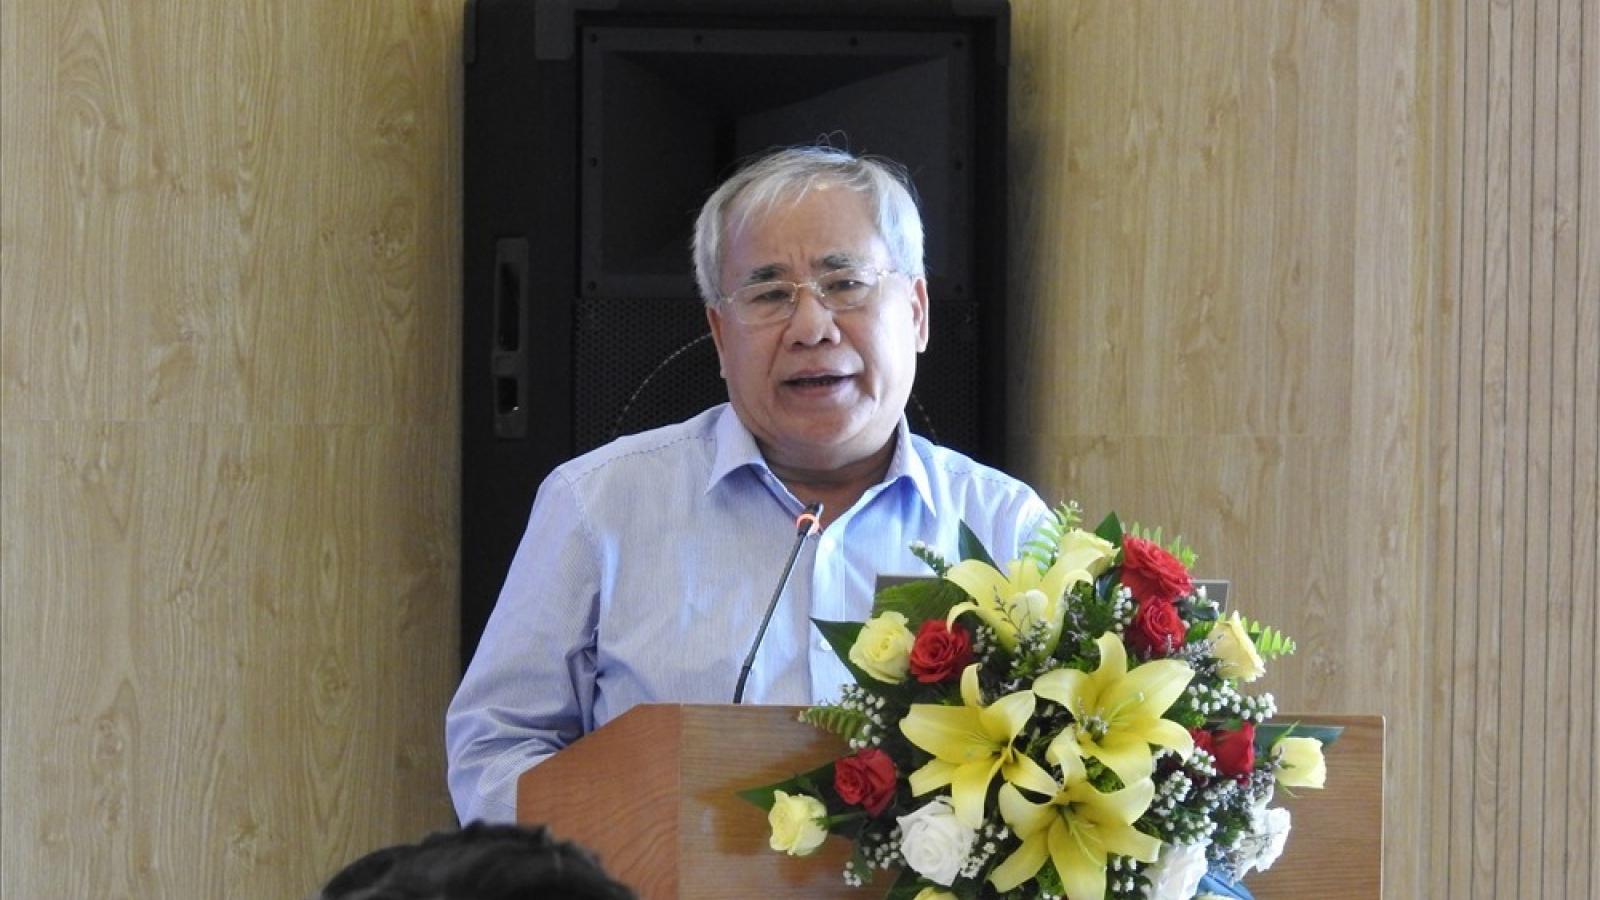 Nóng 24h: Nguyên Phó Chủ tịch tỉnh Khánh Hòa bị bắt giam vì lý do gì?